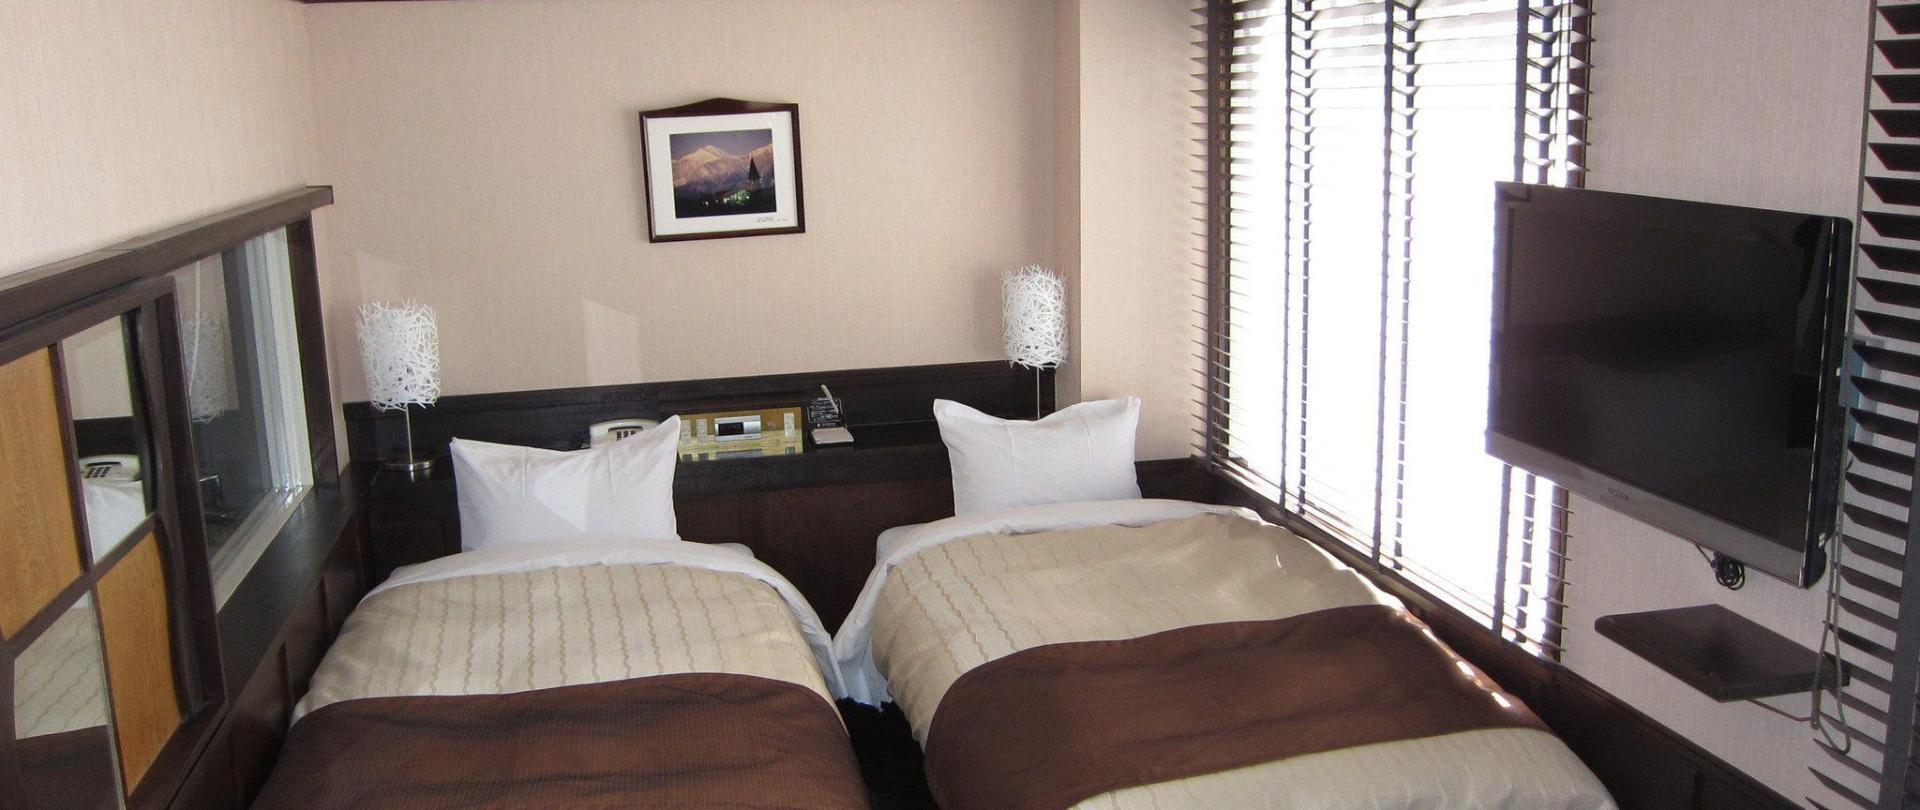 hotelnewstation1.jpg